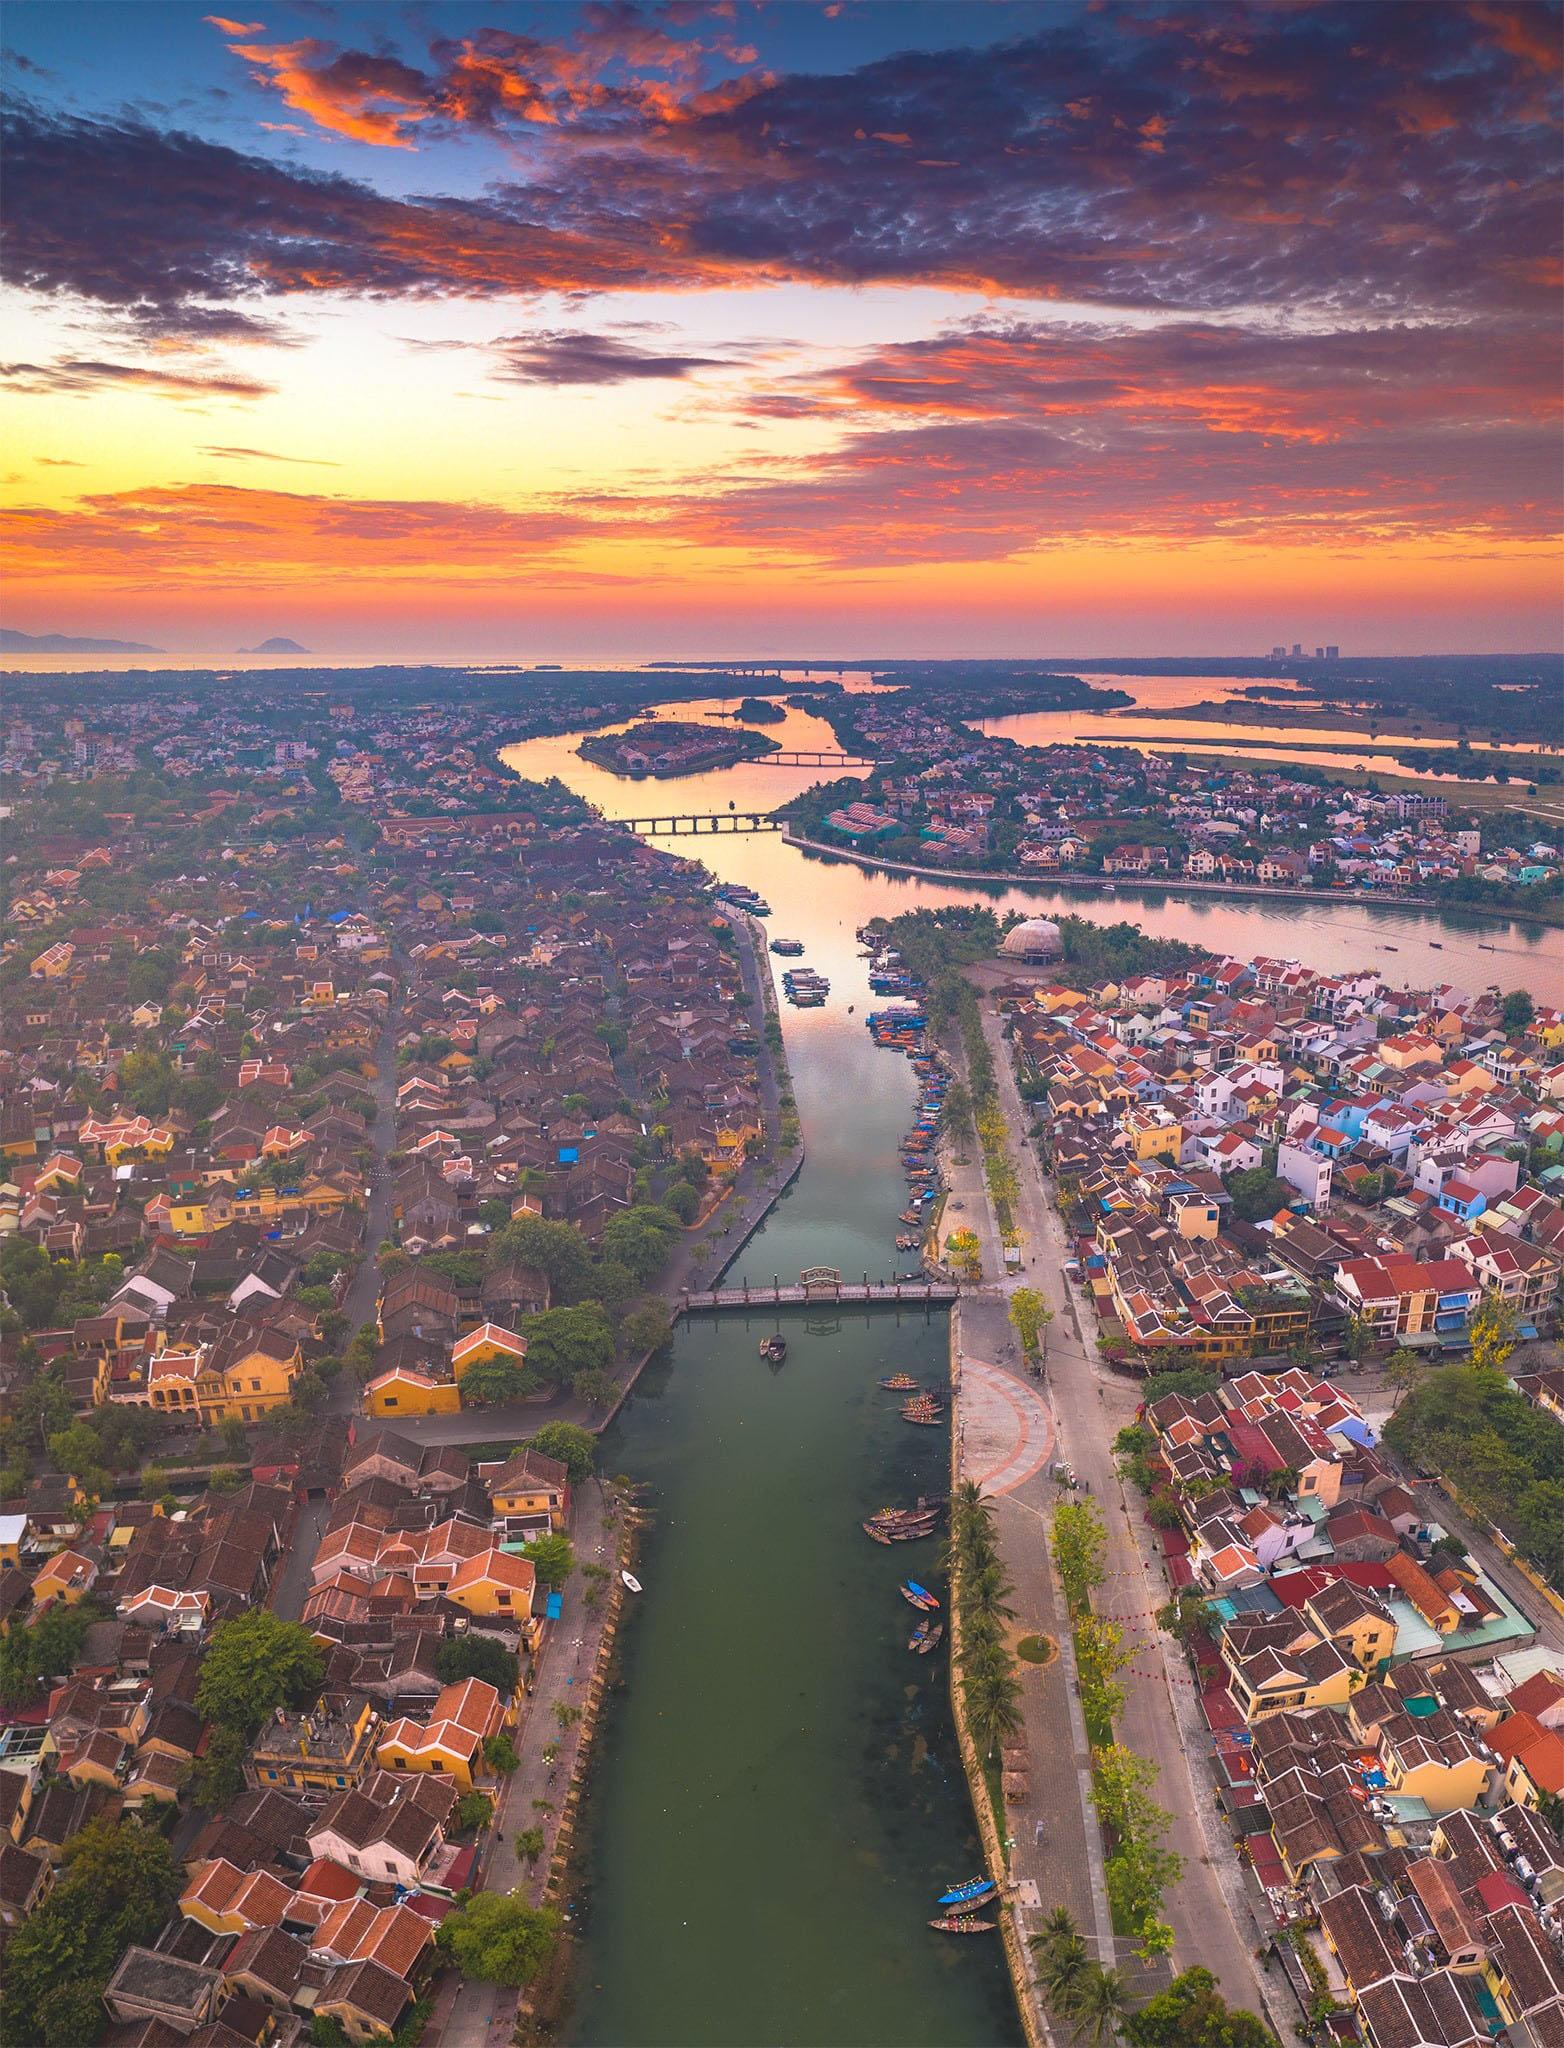 Ảnh thiên nhiên Việt Nam buổi sáng